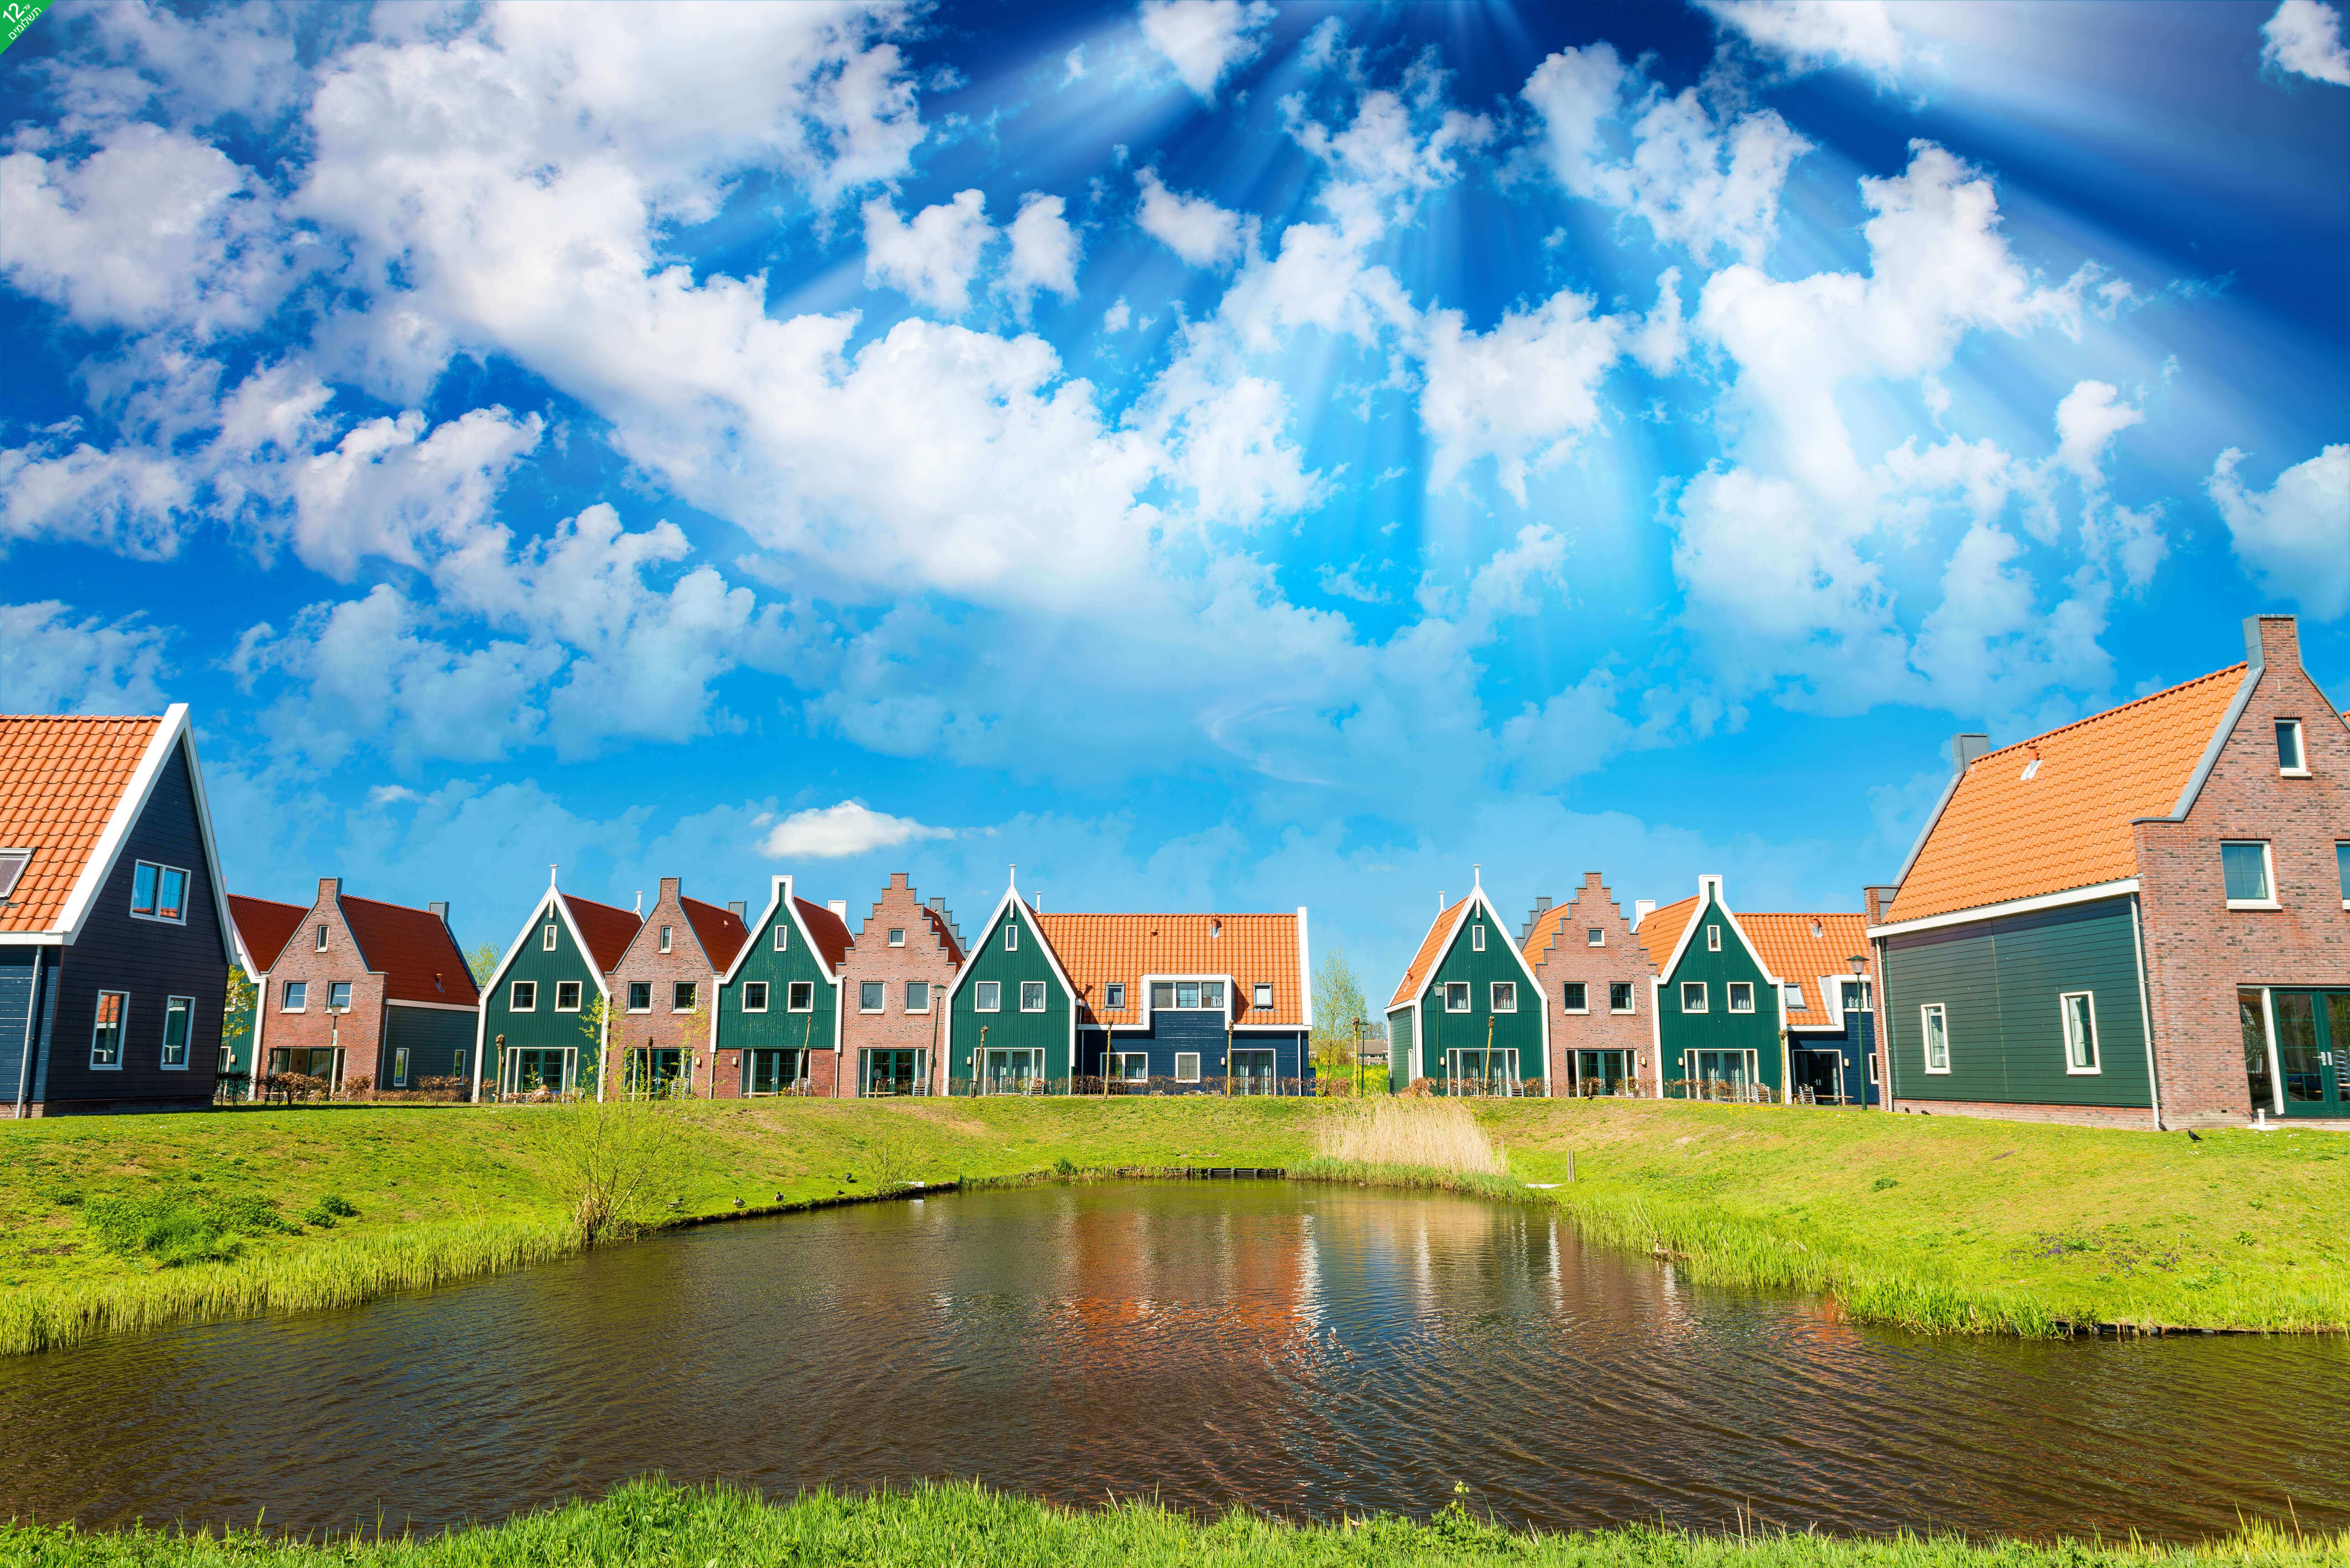 5 חופשת טוס וסע להולנד עם כל המשפחה - טיסות והשכרת רכב לכל התקופה